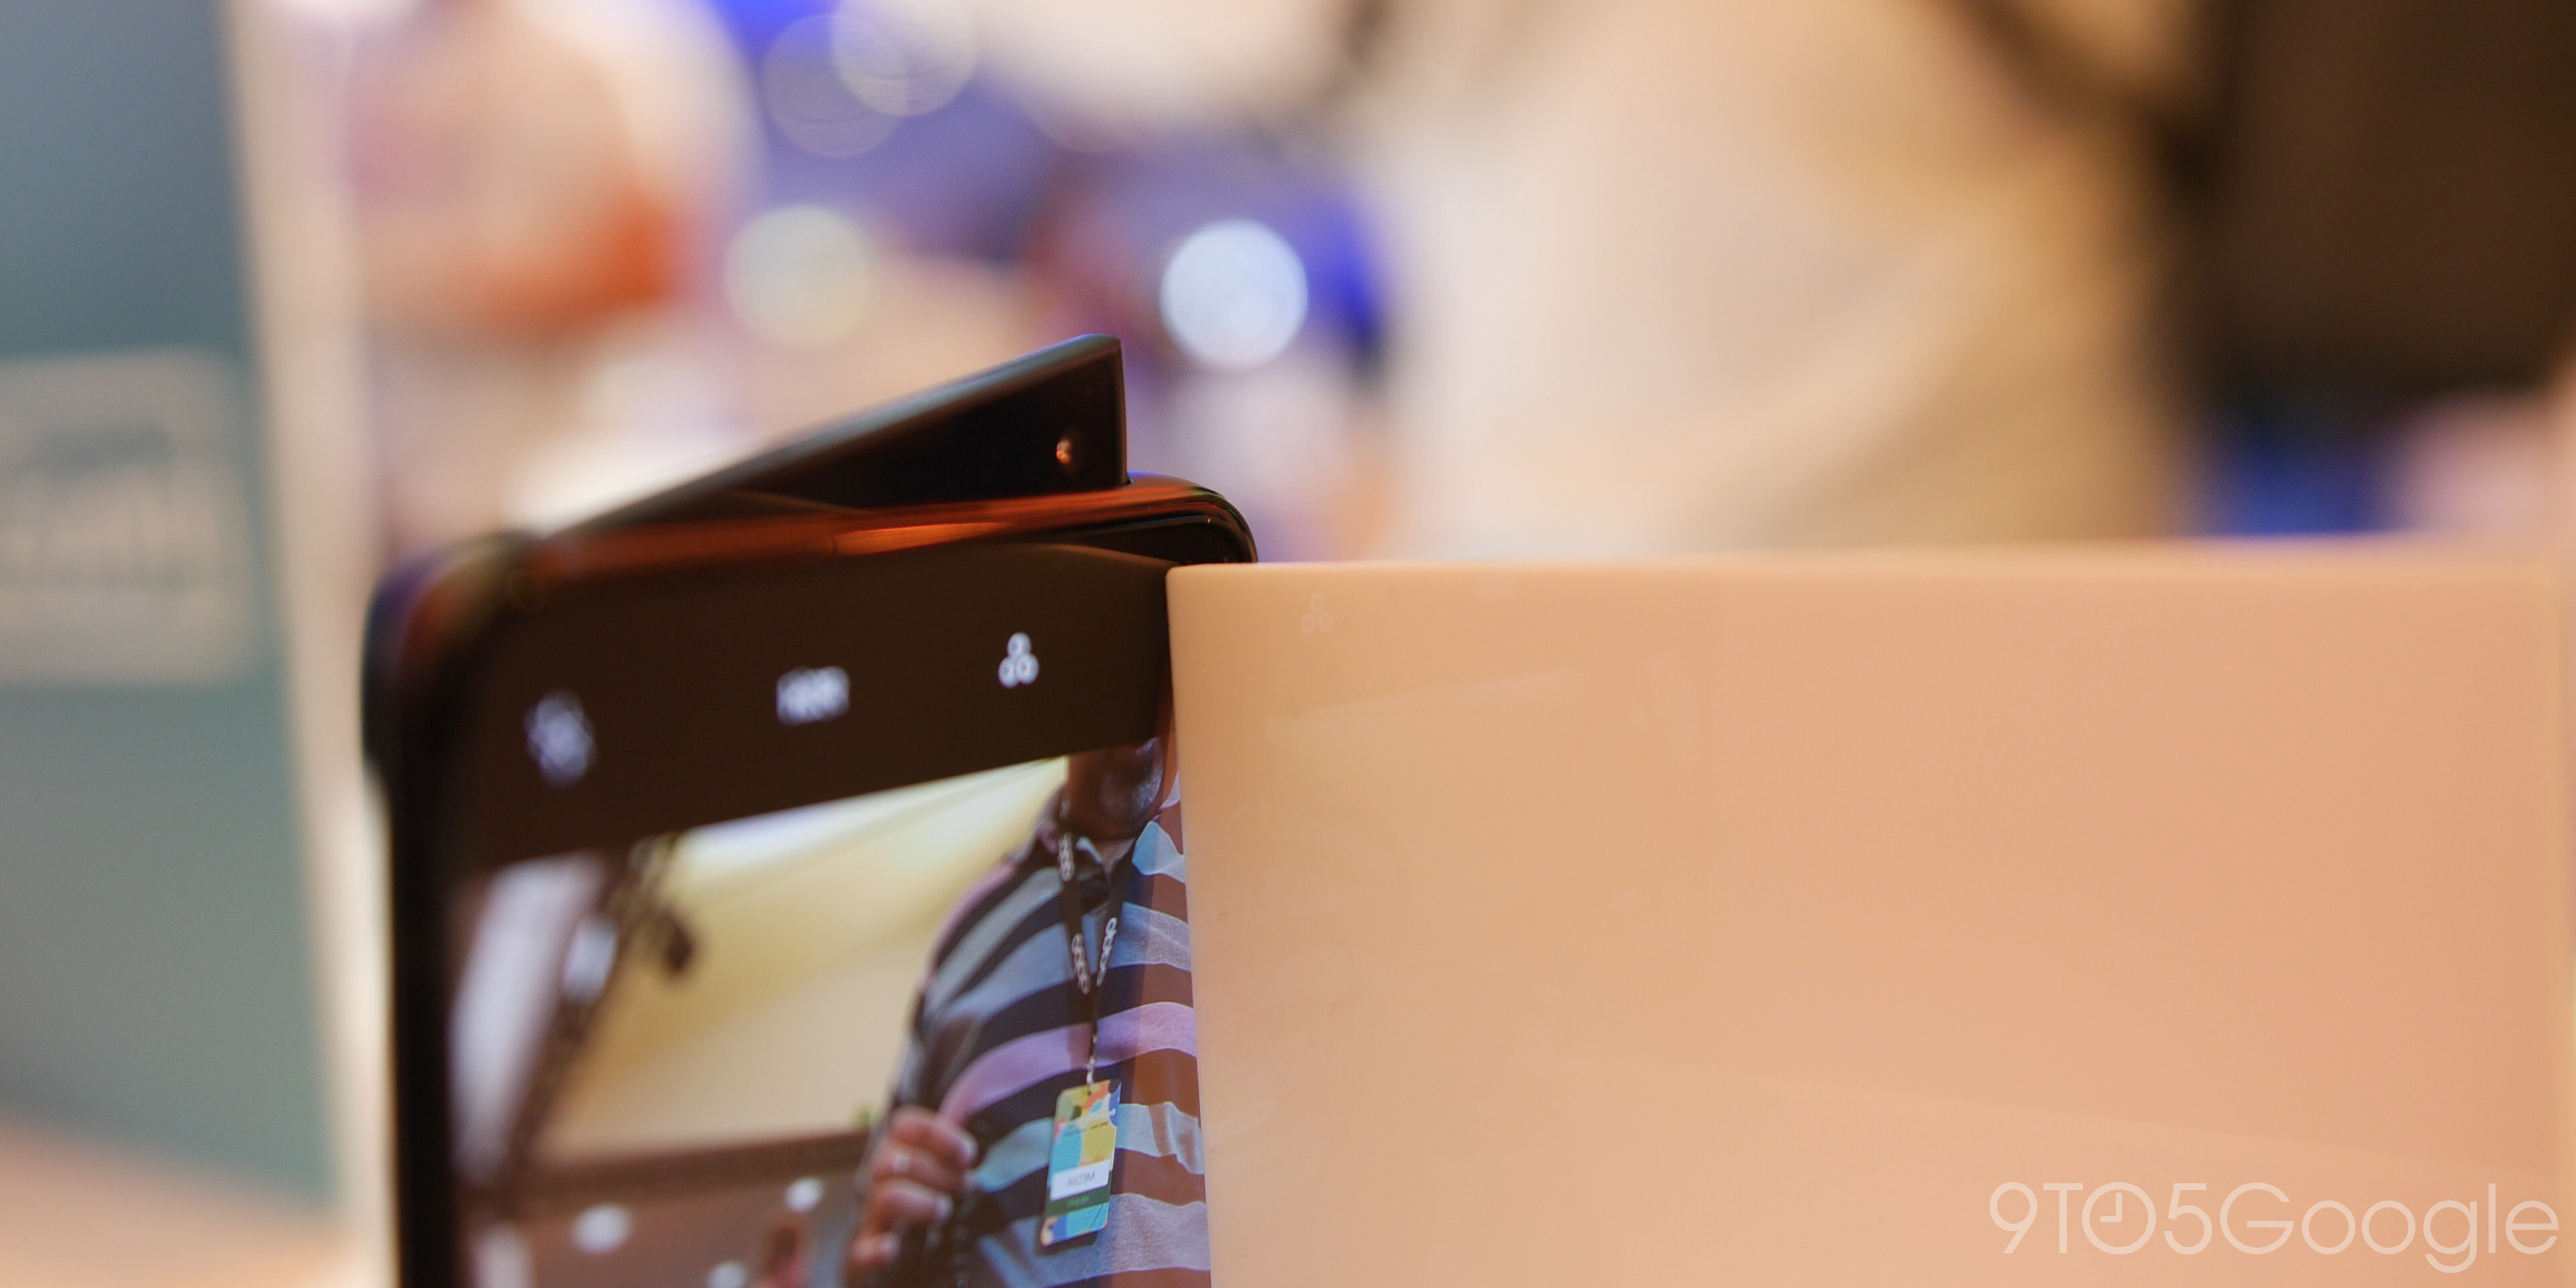 Oppo shark fin pop-up camera